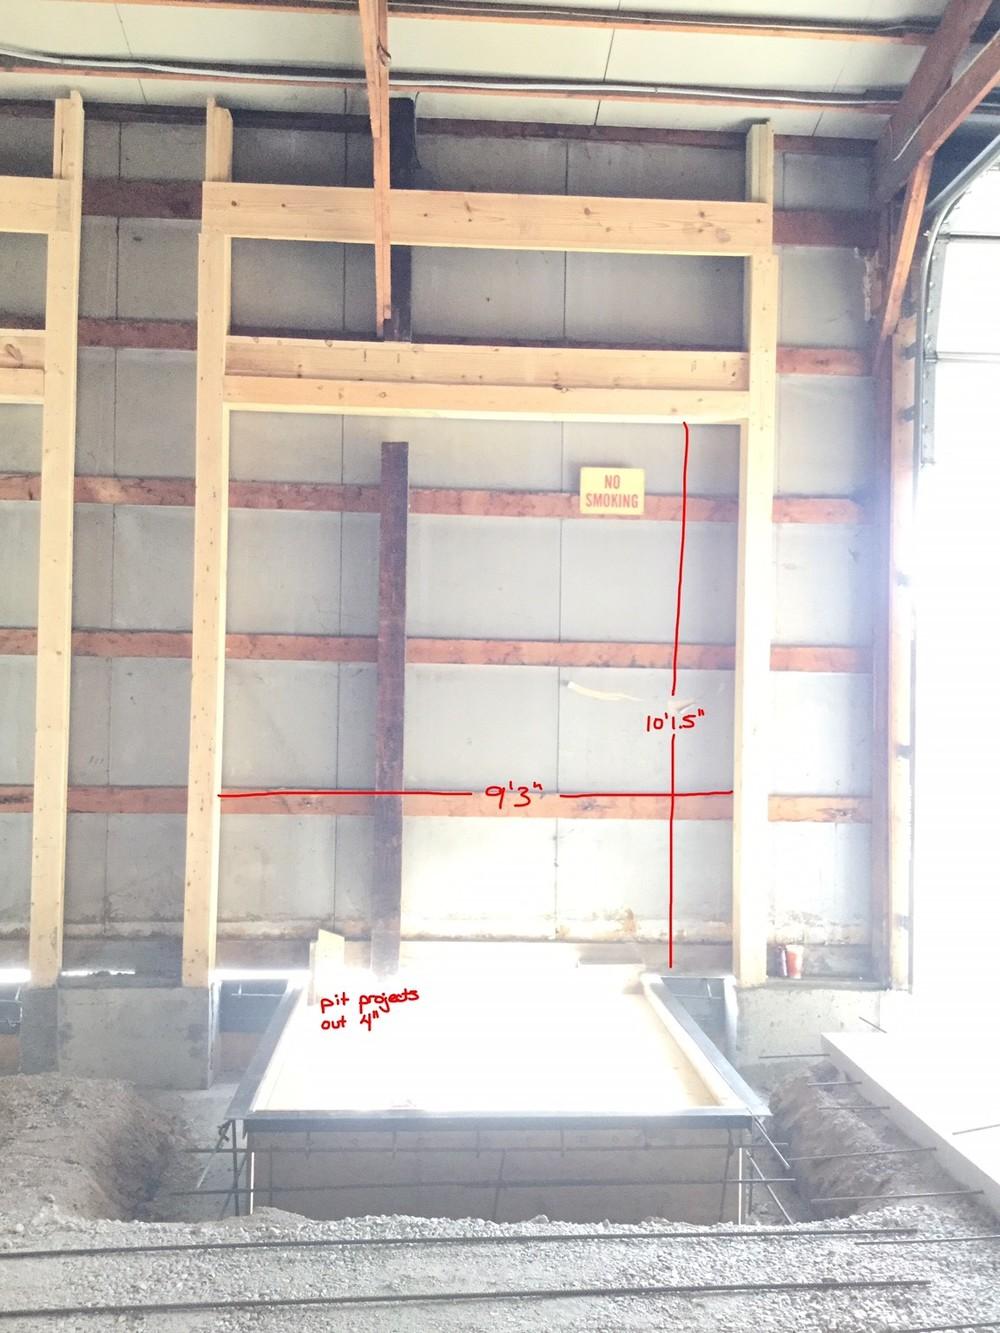 Cut new door opening loading dock rice equipment st louis.jpg